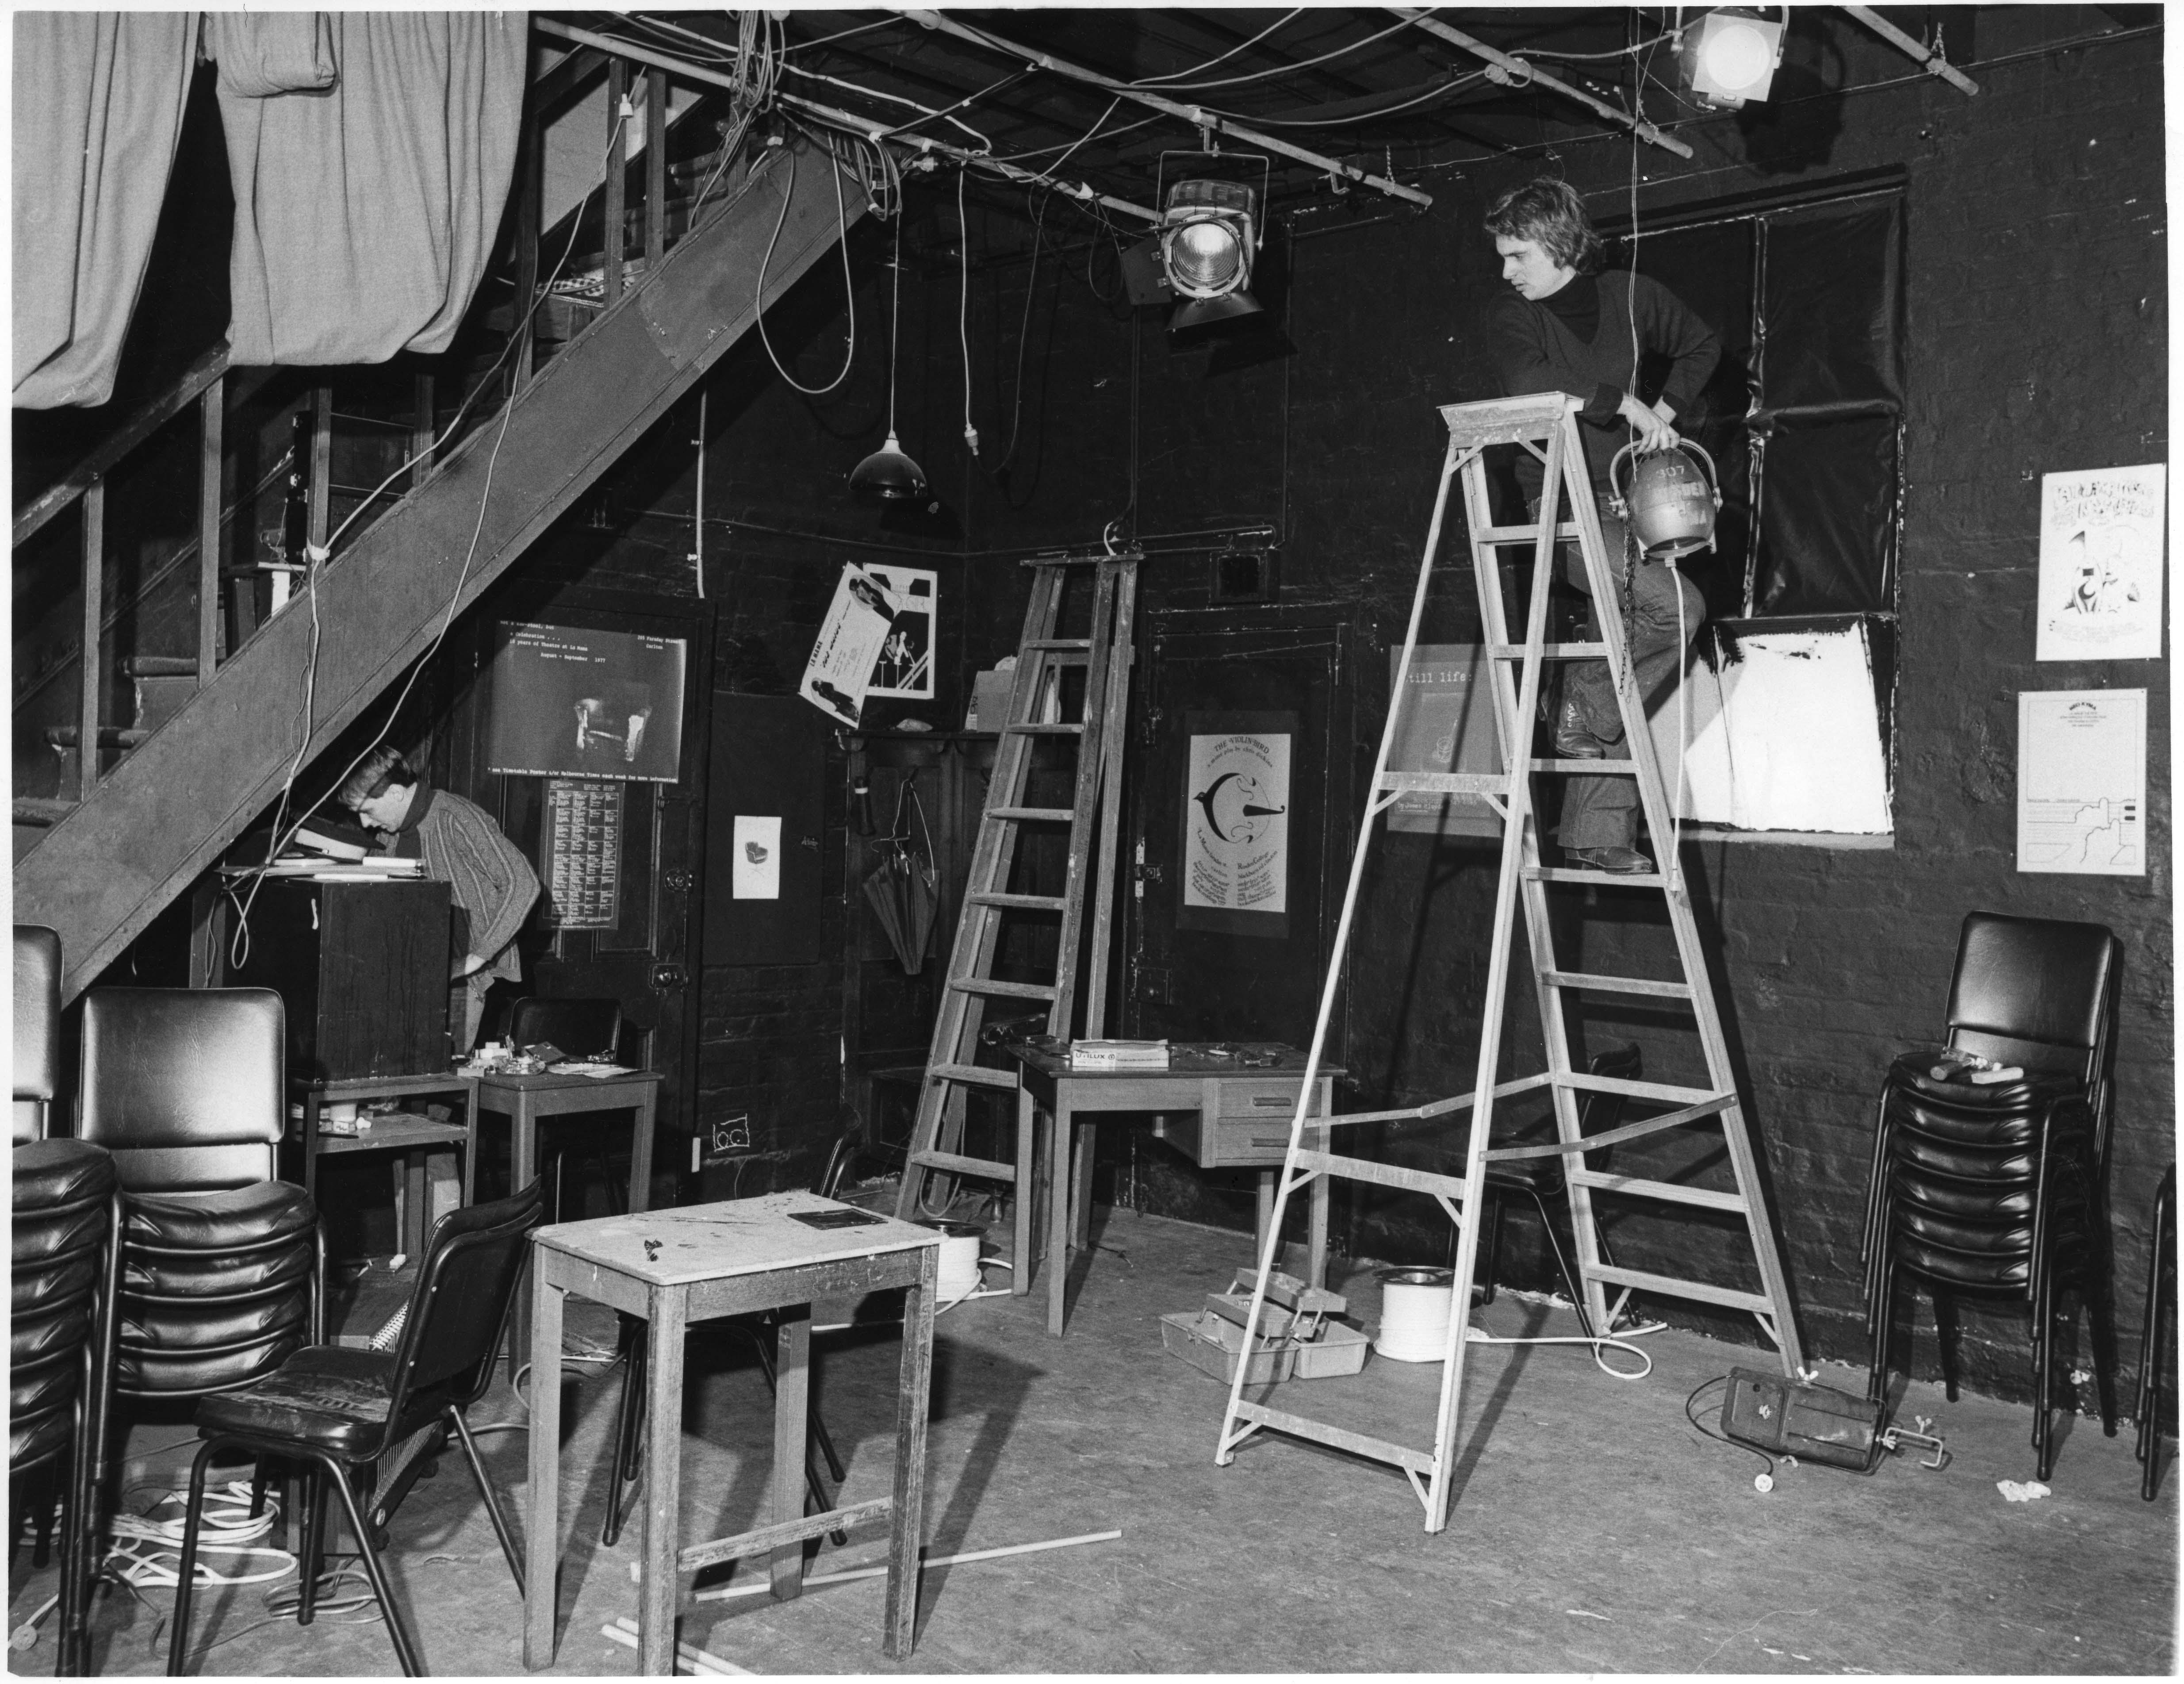 Inside La Mama Theatre during a bump